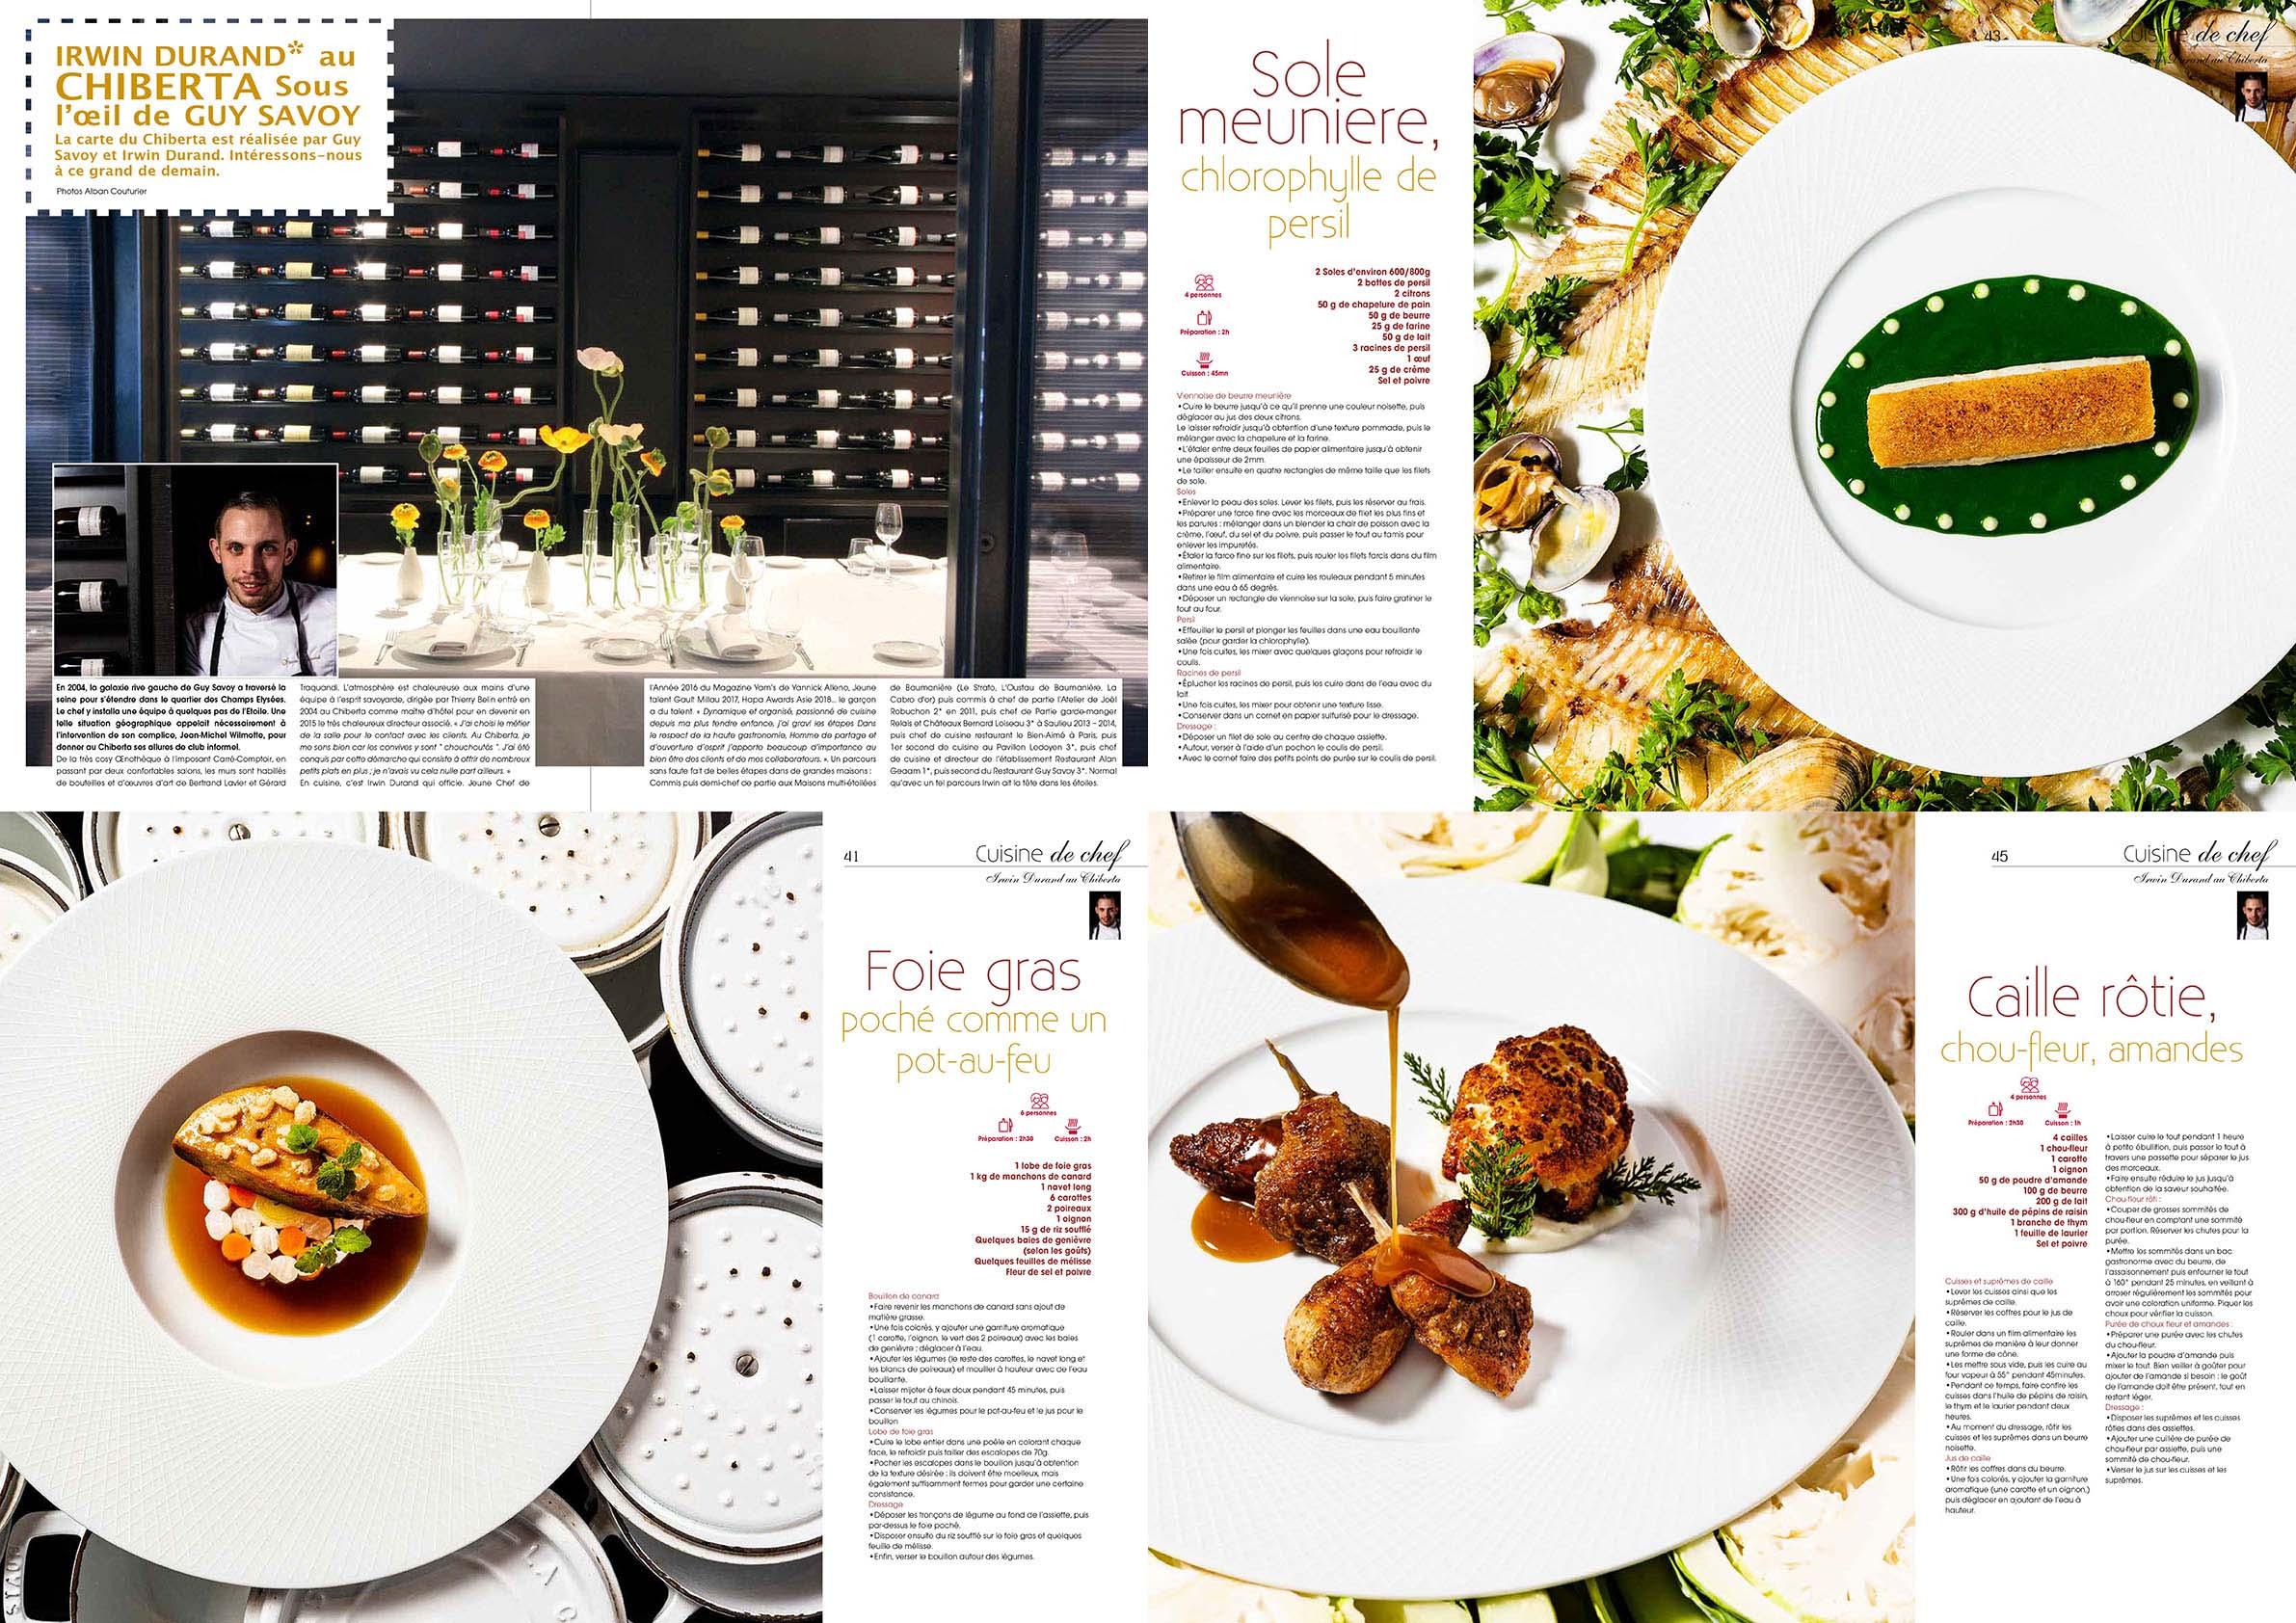 Cuisine A&D, numero 65, printemps 2021, Recettes et portrait, Chef et Ami Irwin Durand, restaurant Le chiberta, 1 etoile au guide Michelin©Alban Couturier